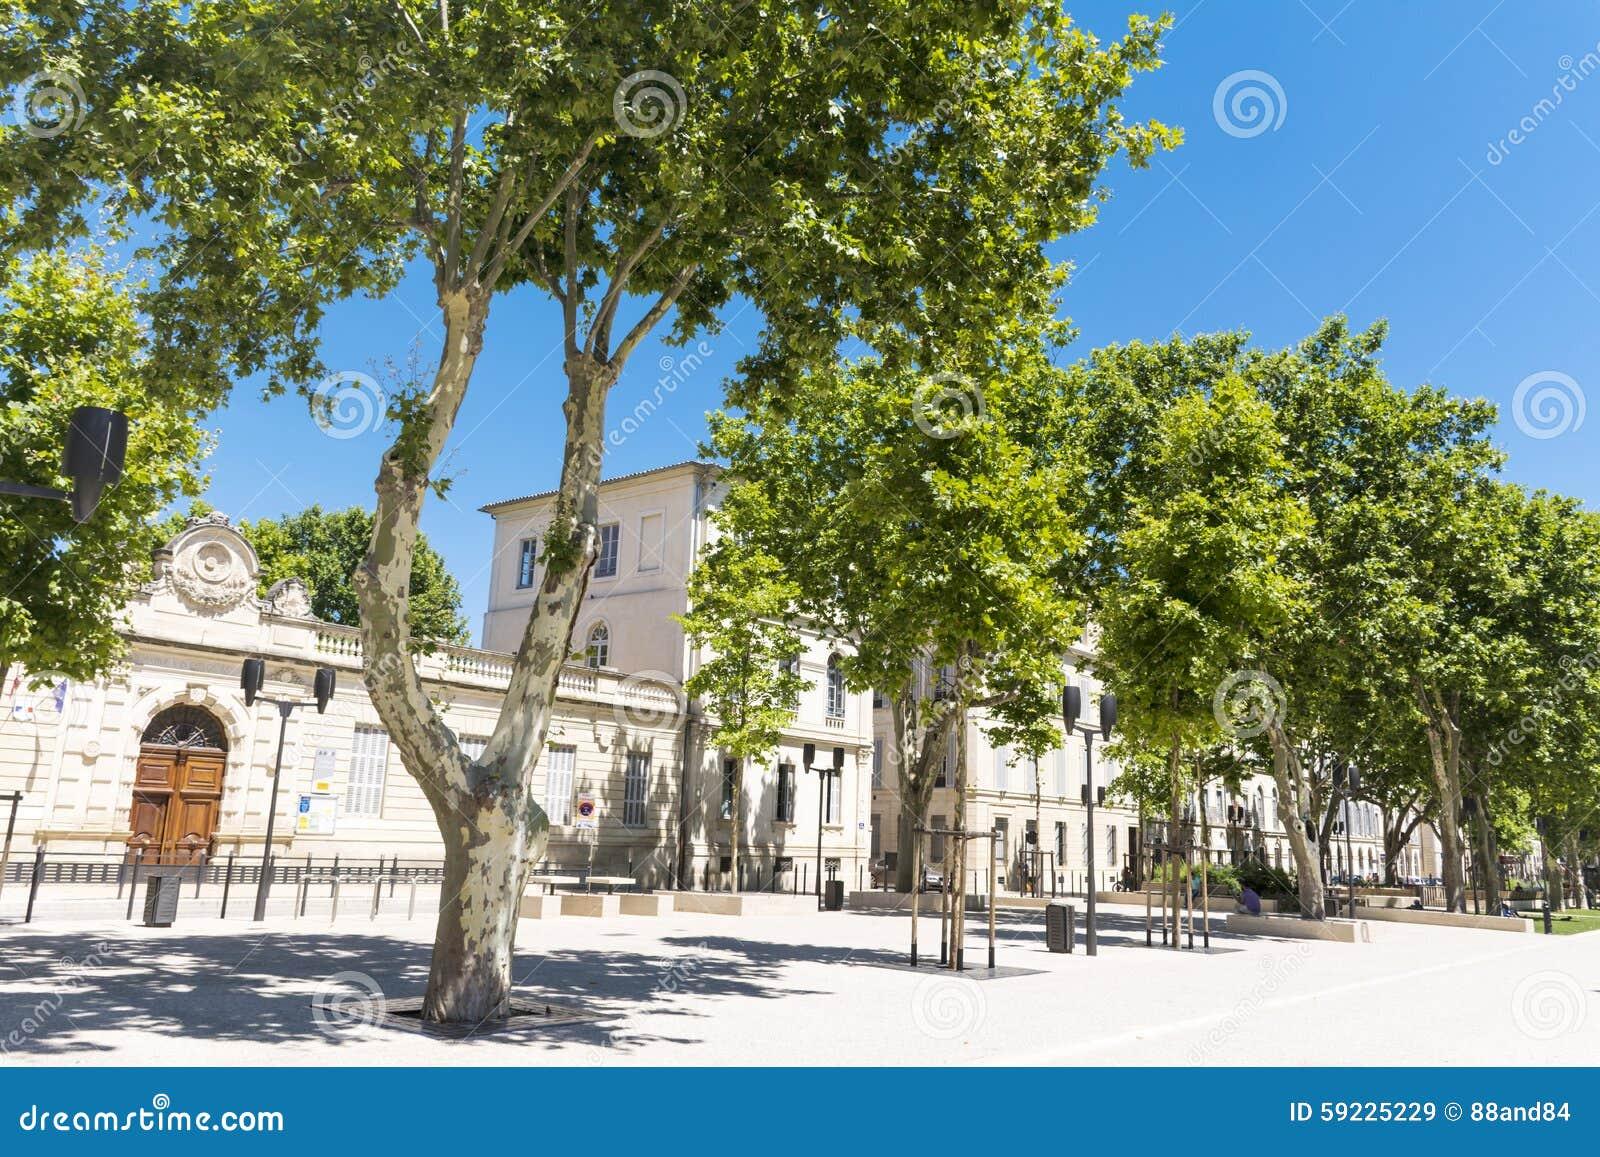 Download Calle Con Los árboles Verdes En Nimes, Francia Imagen de archivo - Imagen de landscaping, europeo: 59225229